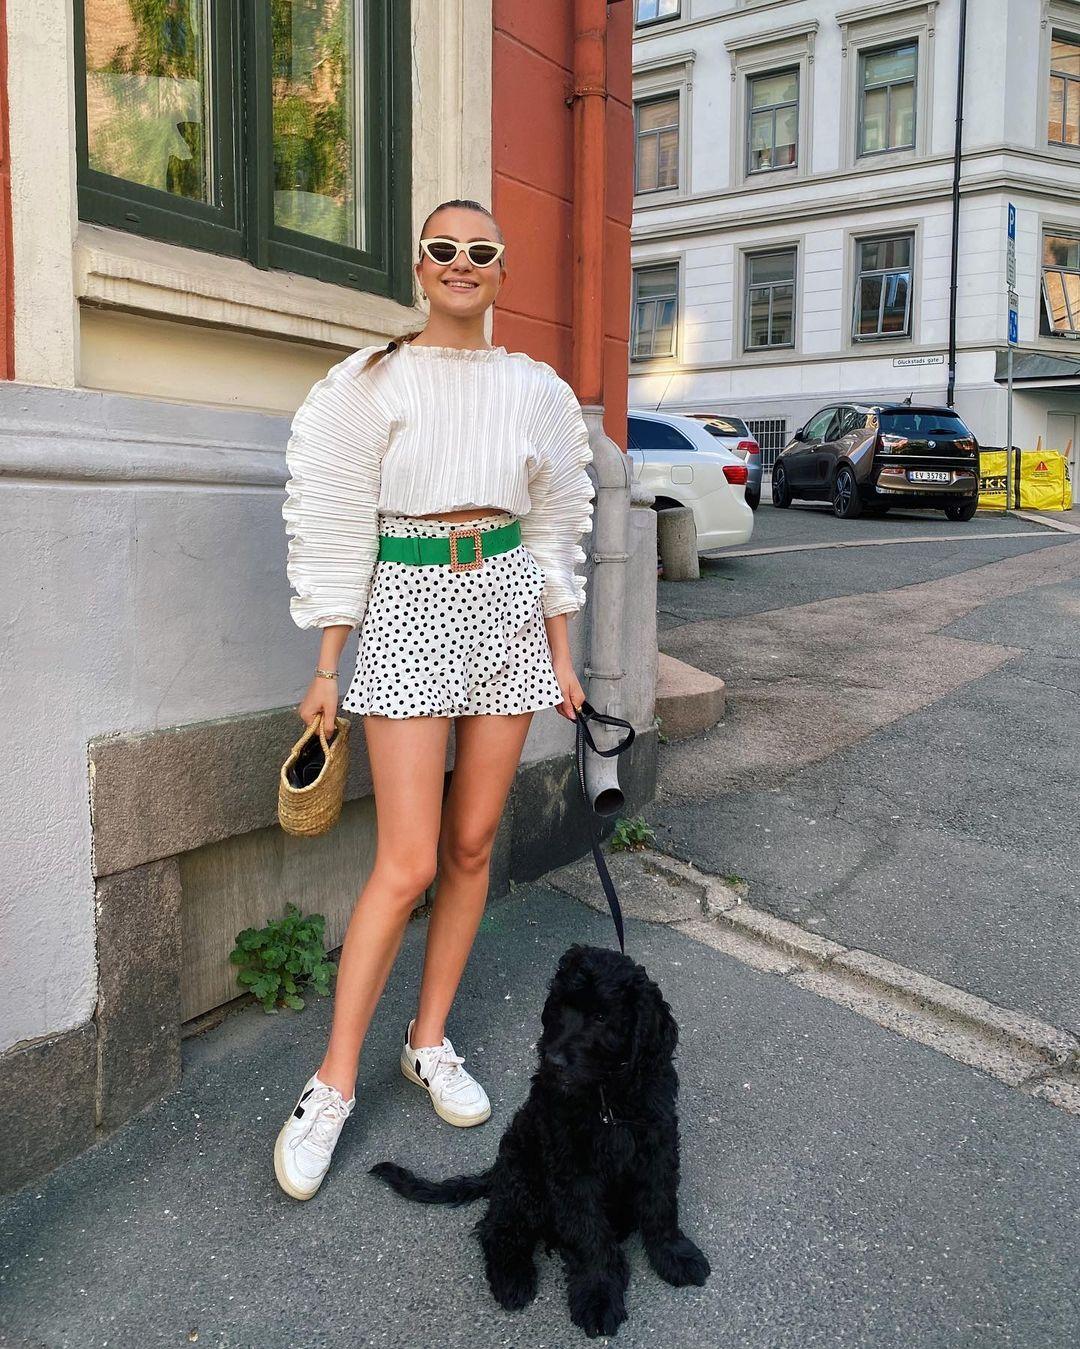 Fire motepersonligheter om favoritter i Oslo